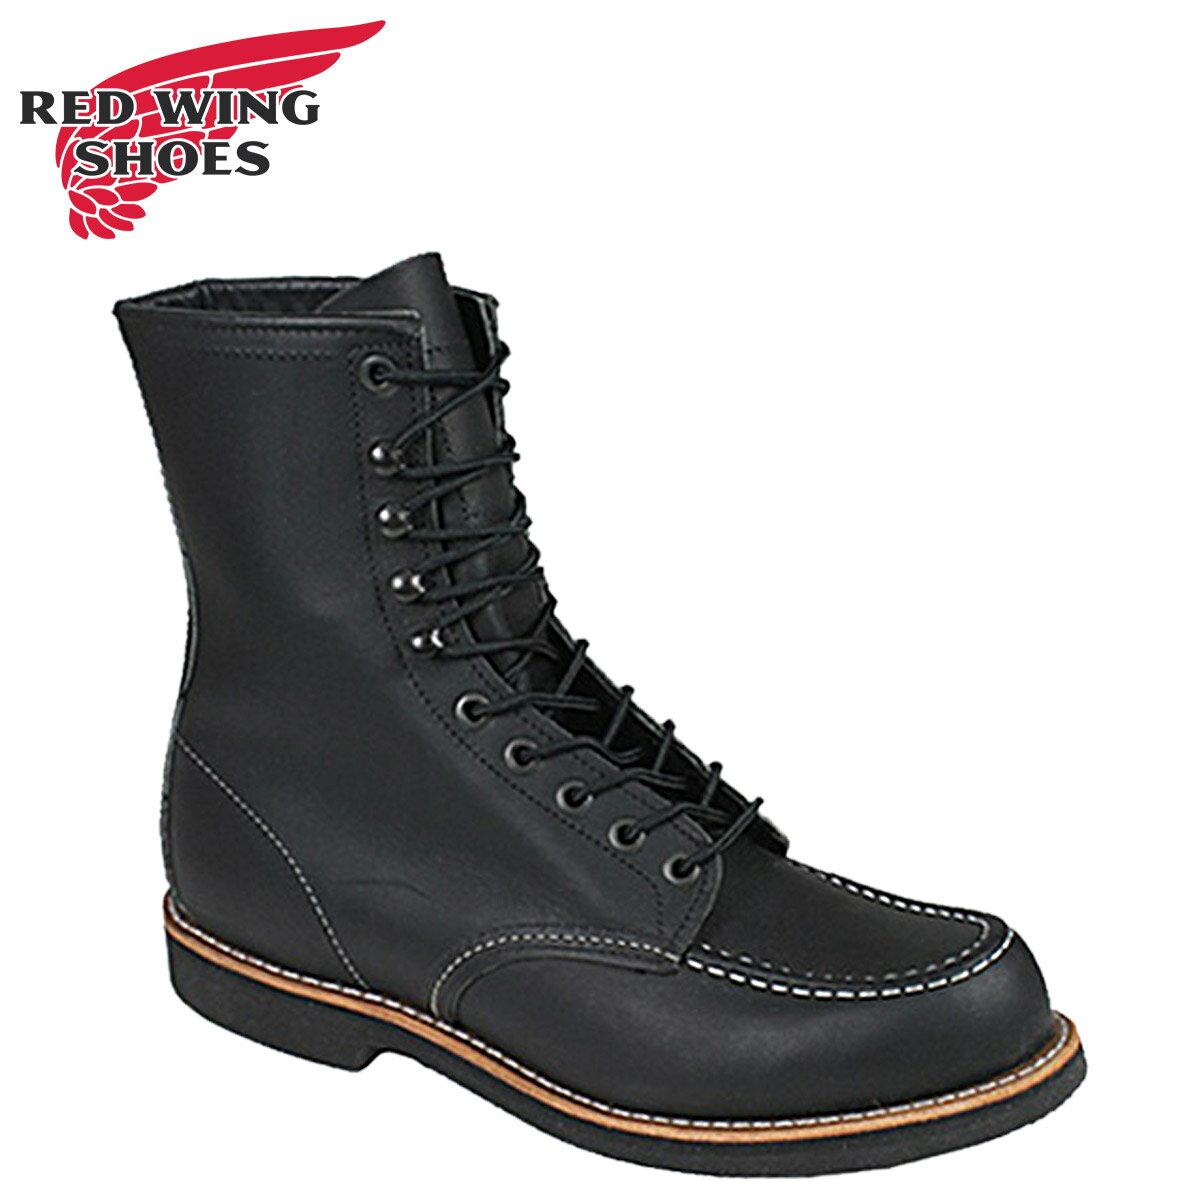 RED WING レッドウィング アイリッシュセッター ブーツ 200 COLLECTION 8INCH MOC TOE 200コレクション 8インチ モックトゥ Dワイズ 9214 レッドウイング メンズ